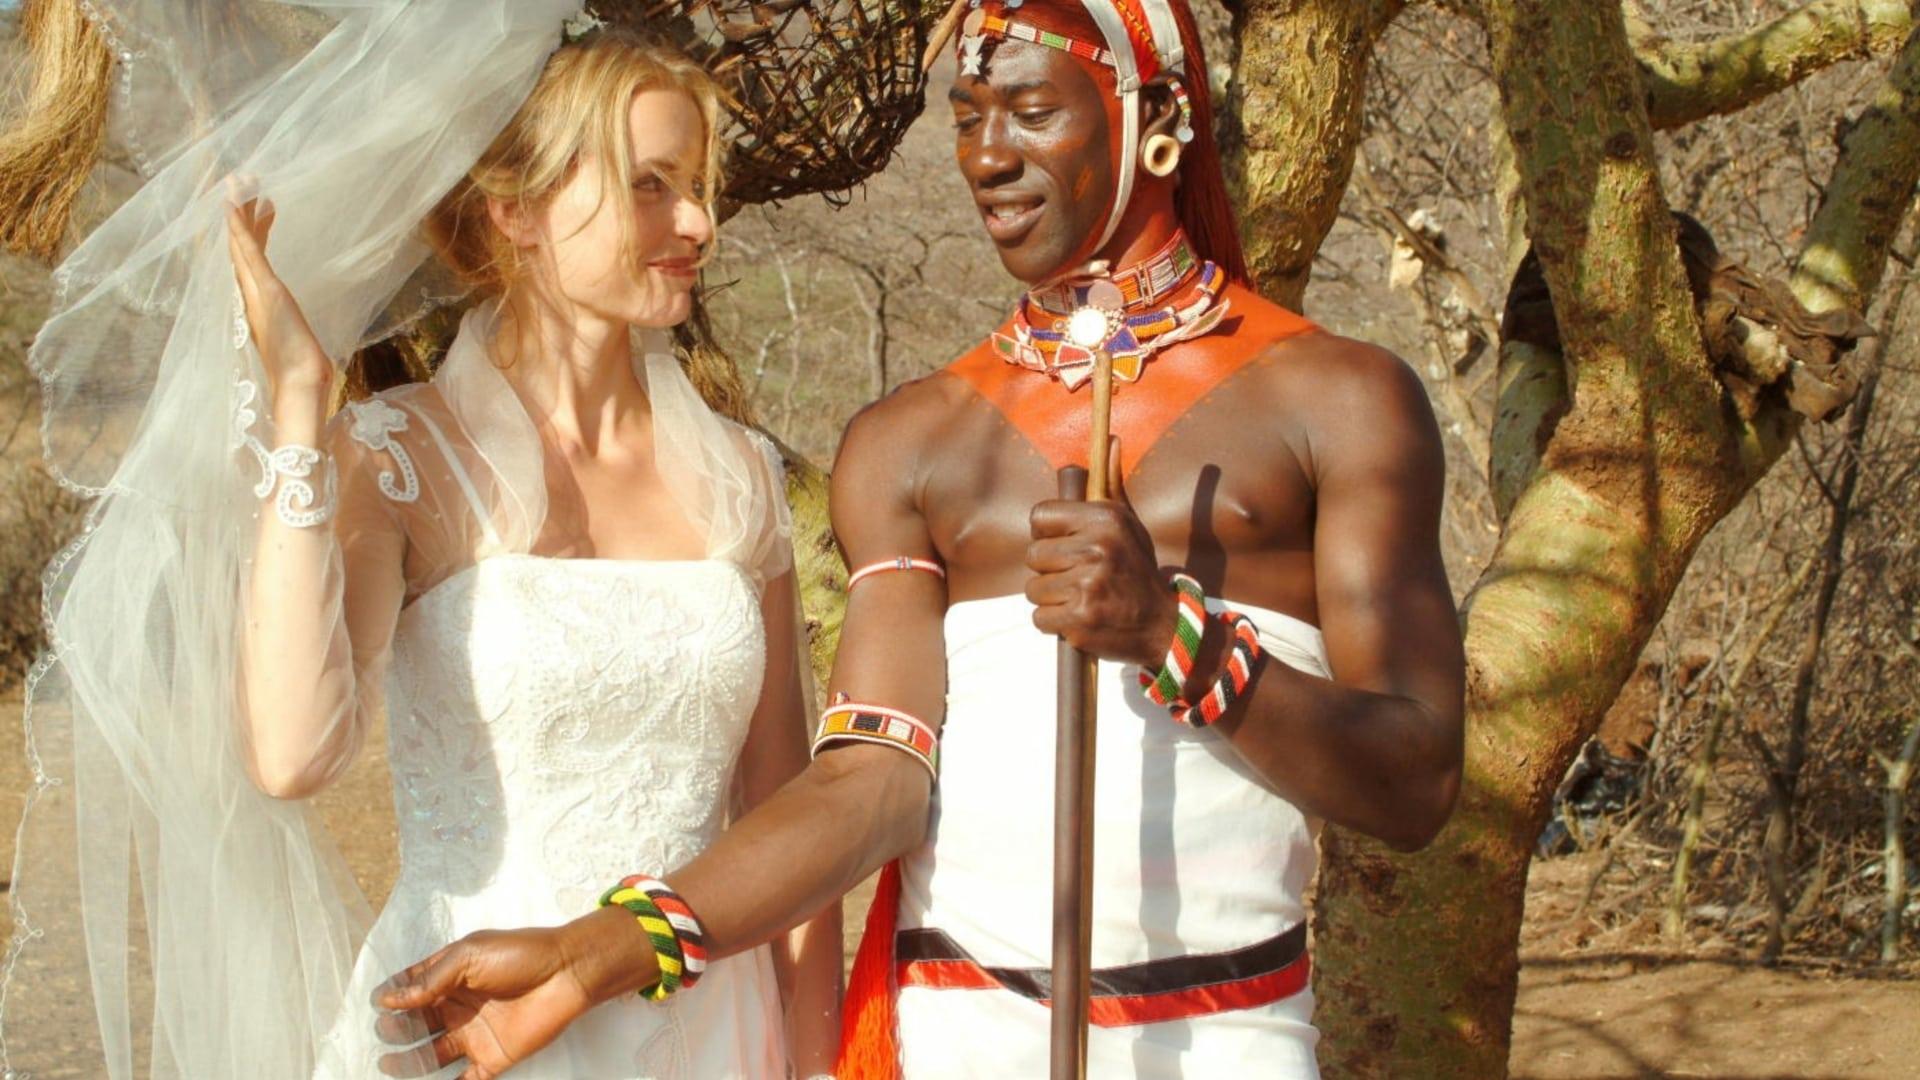 Видео видео секс африканка калахари и сахаре секс